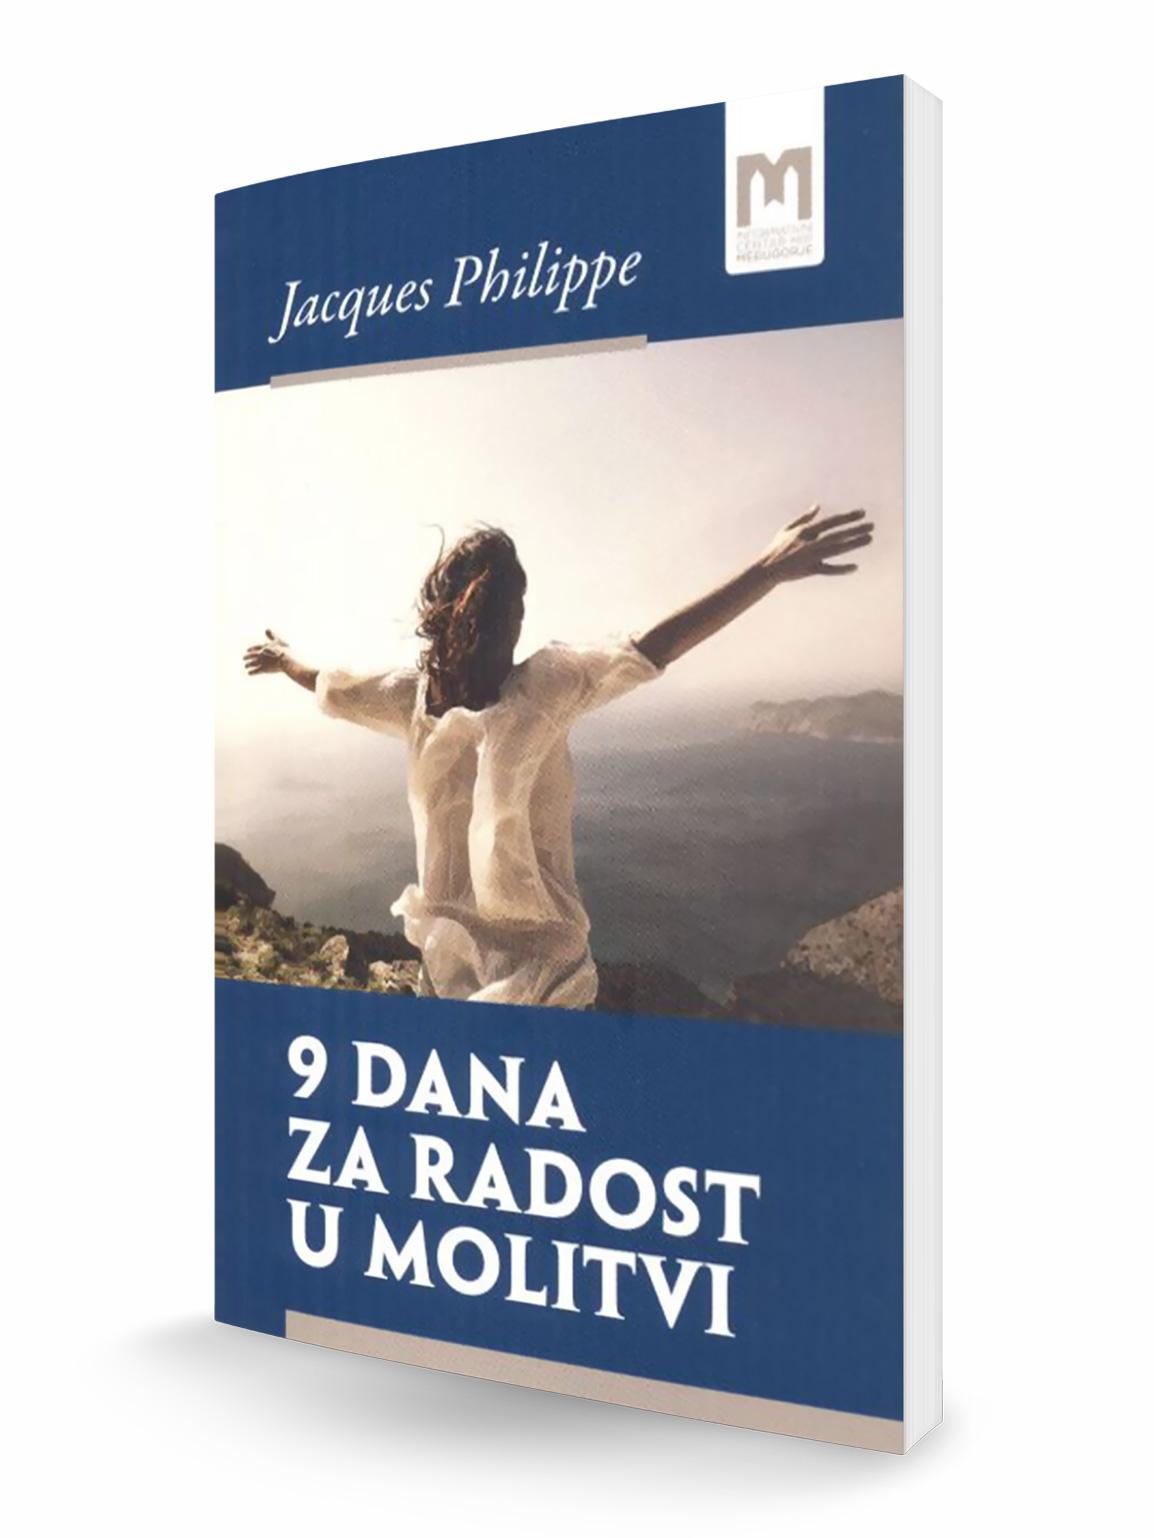 9 DANA ZA RADOST U MOLITVI - Jacques Philippe